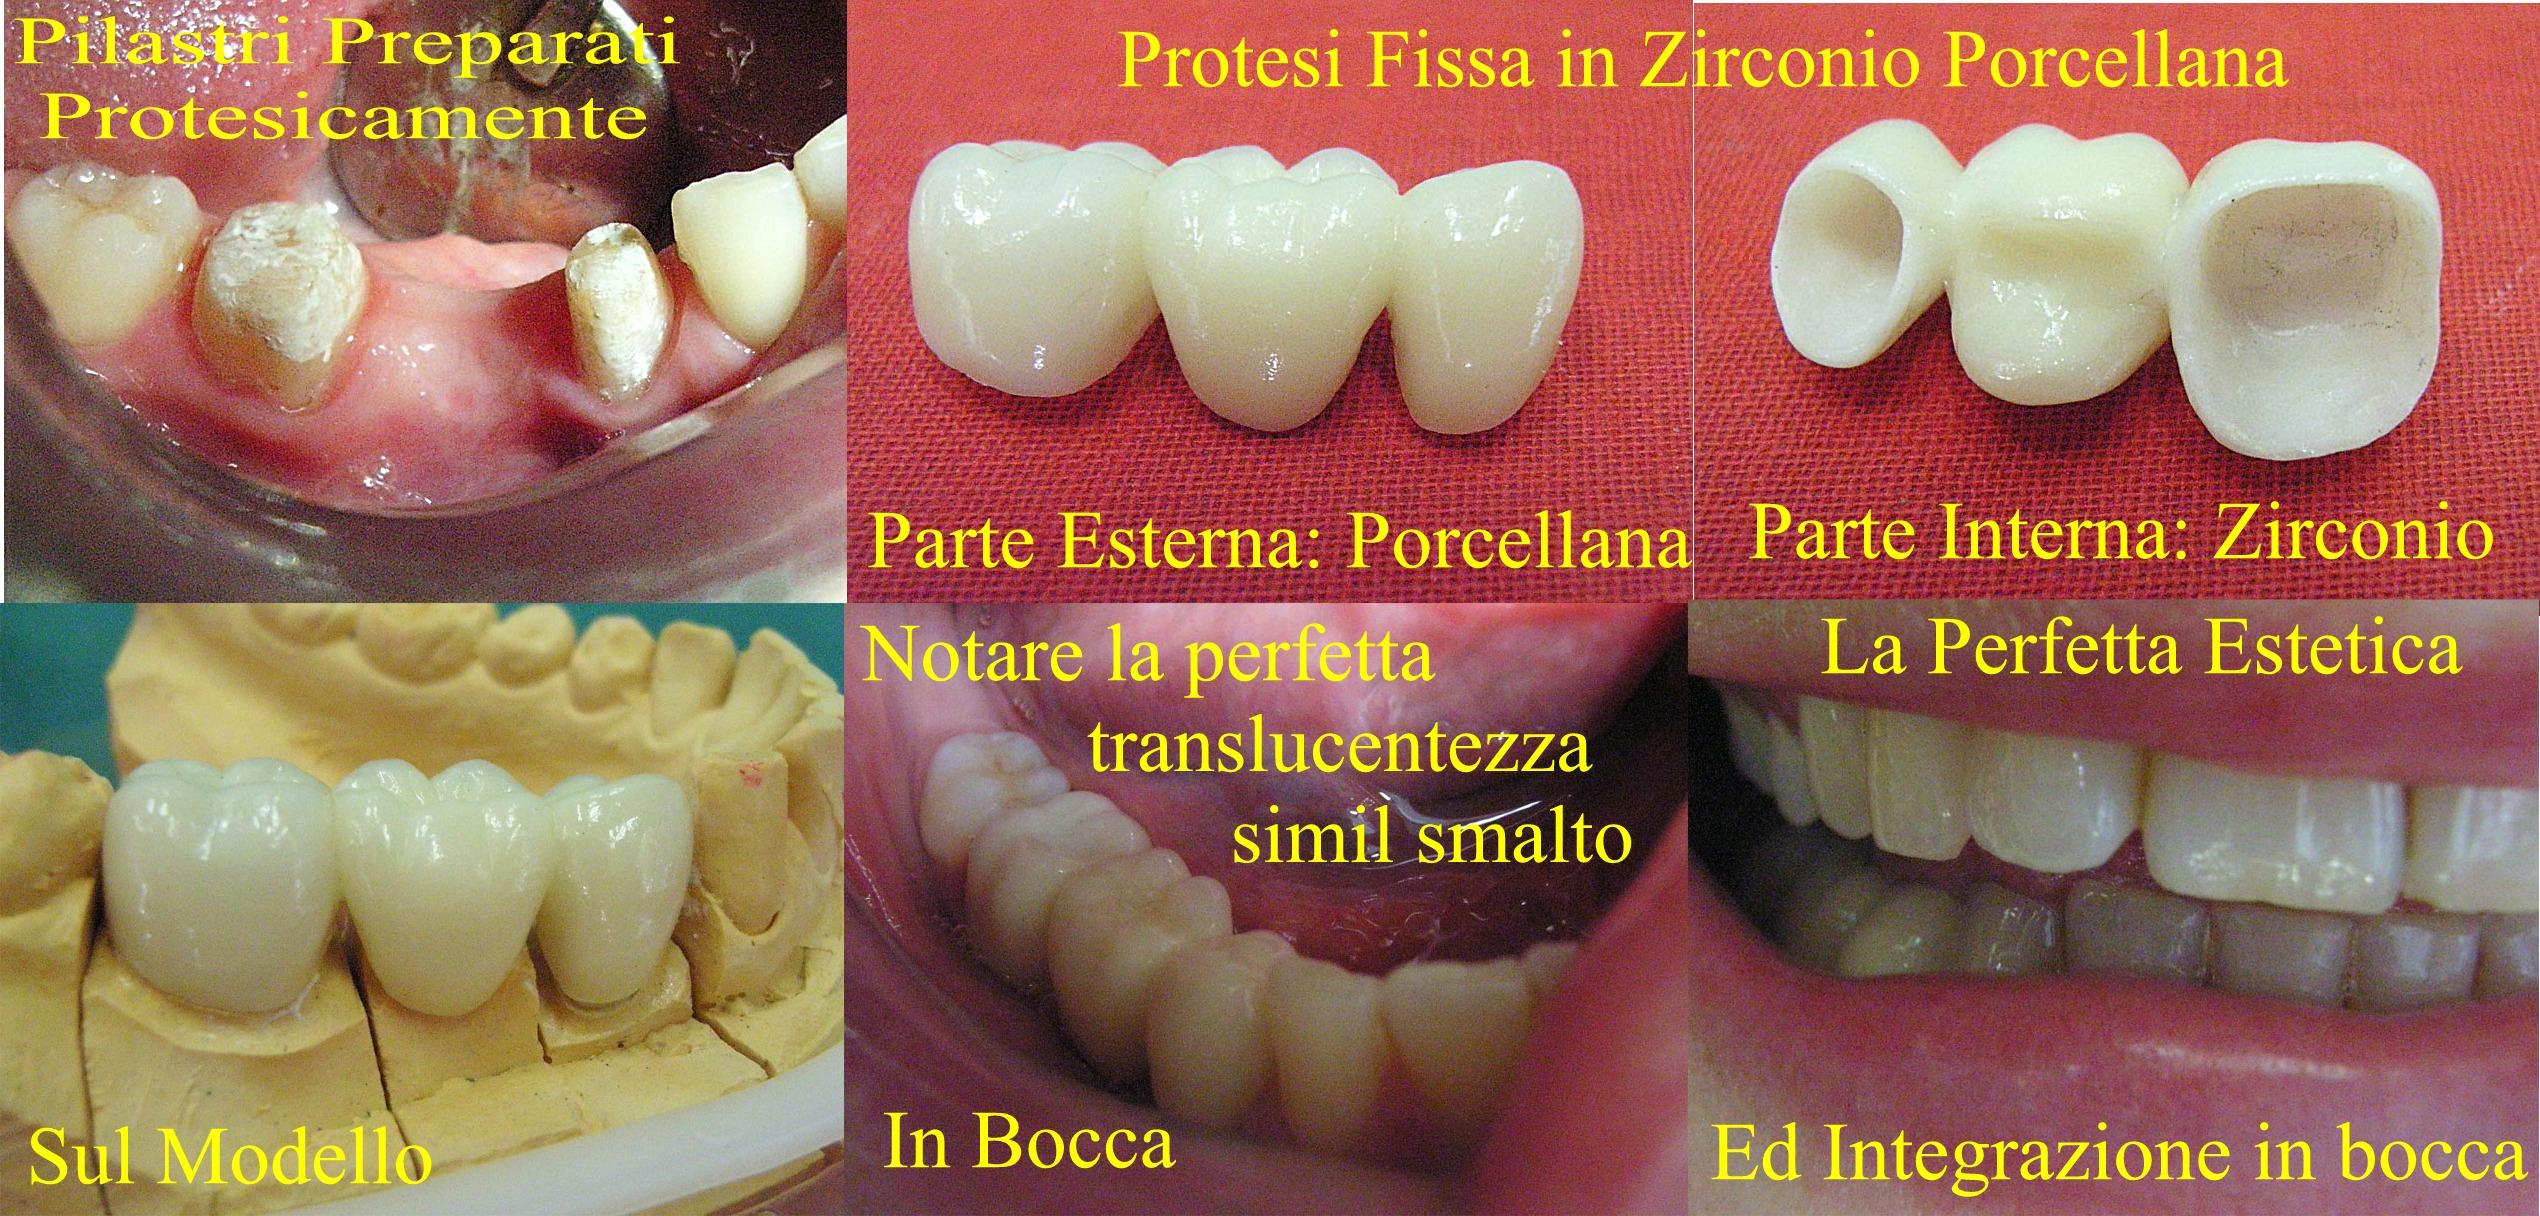 Esempio di protesi fissa in zirconioporcellana. Da casistica della Dr.ssa Claudia Petti Protesista di Cagliari